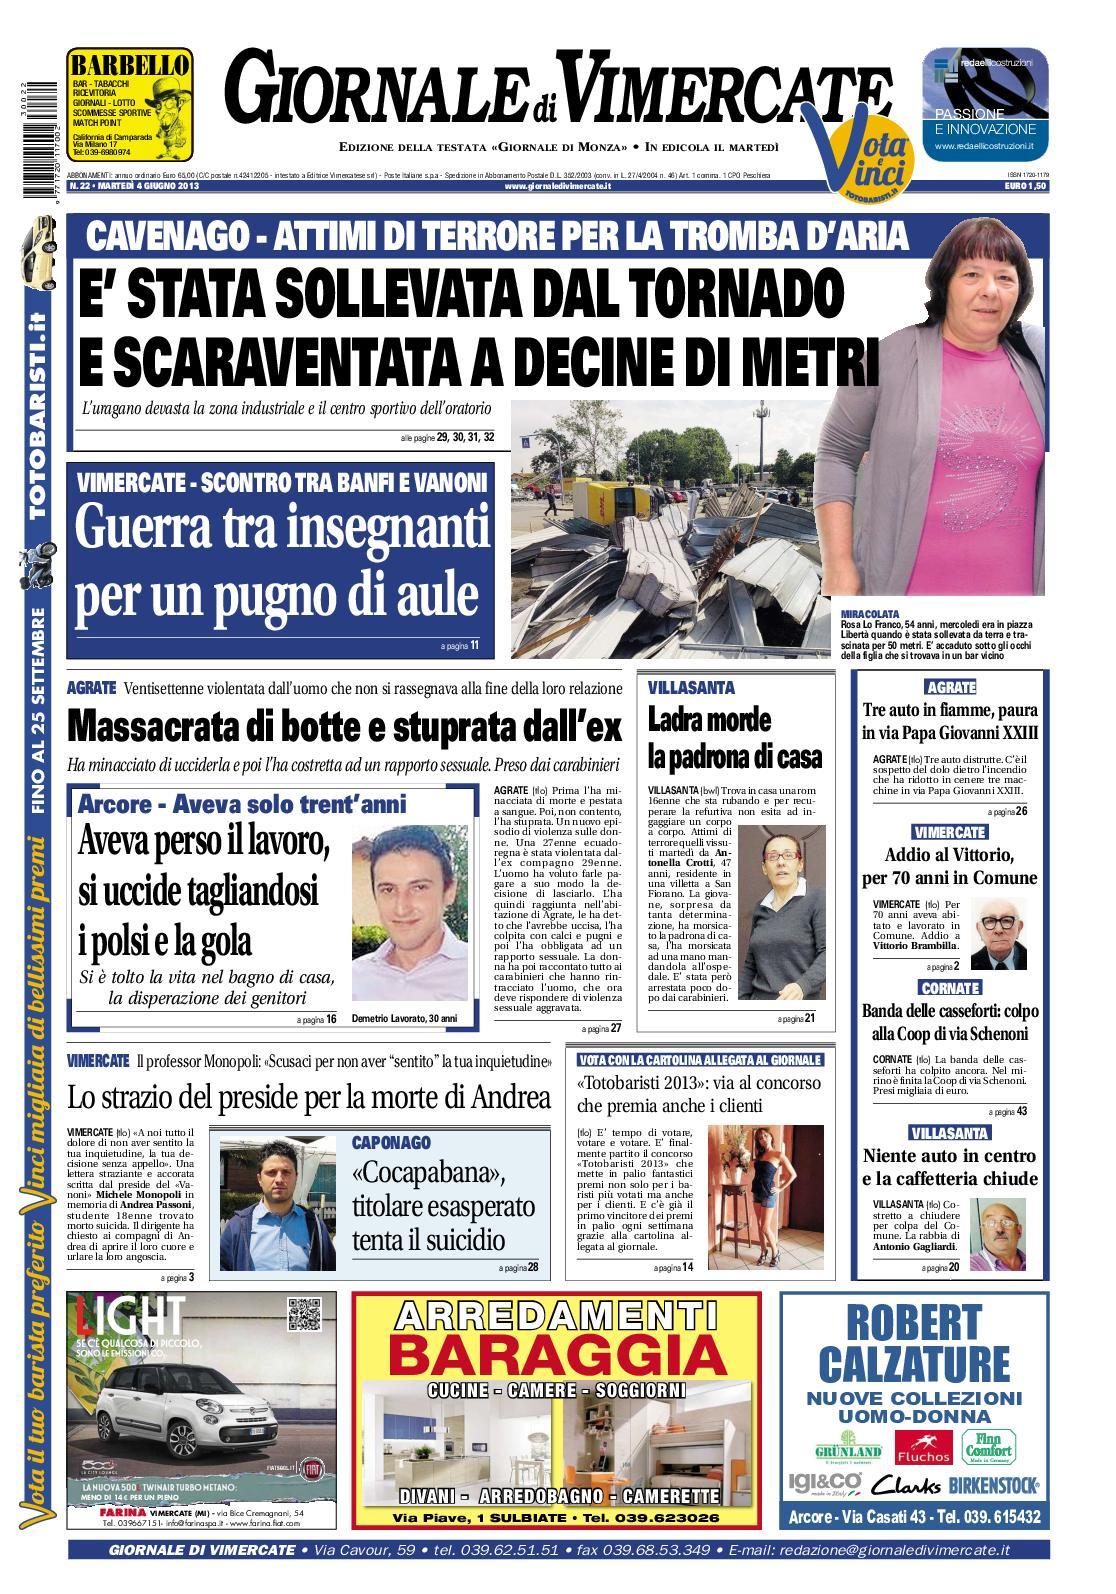 Calaméo Giornale Di Vimercate 20 Agosto 2013